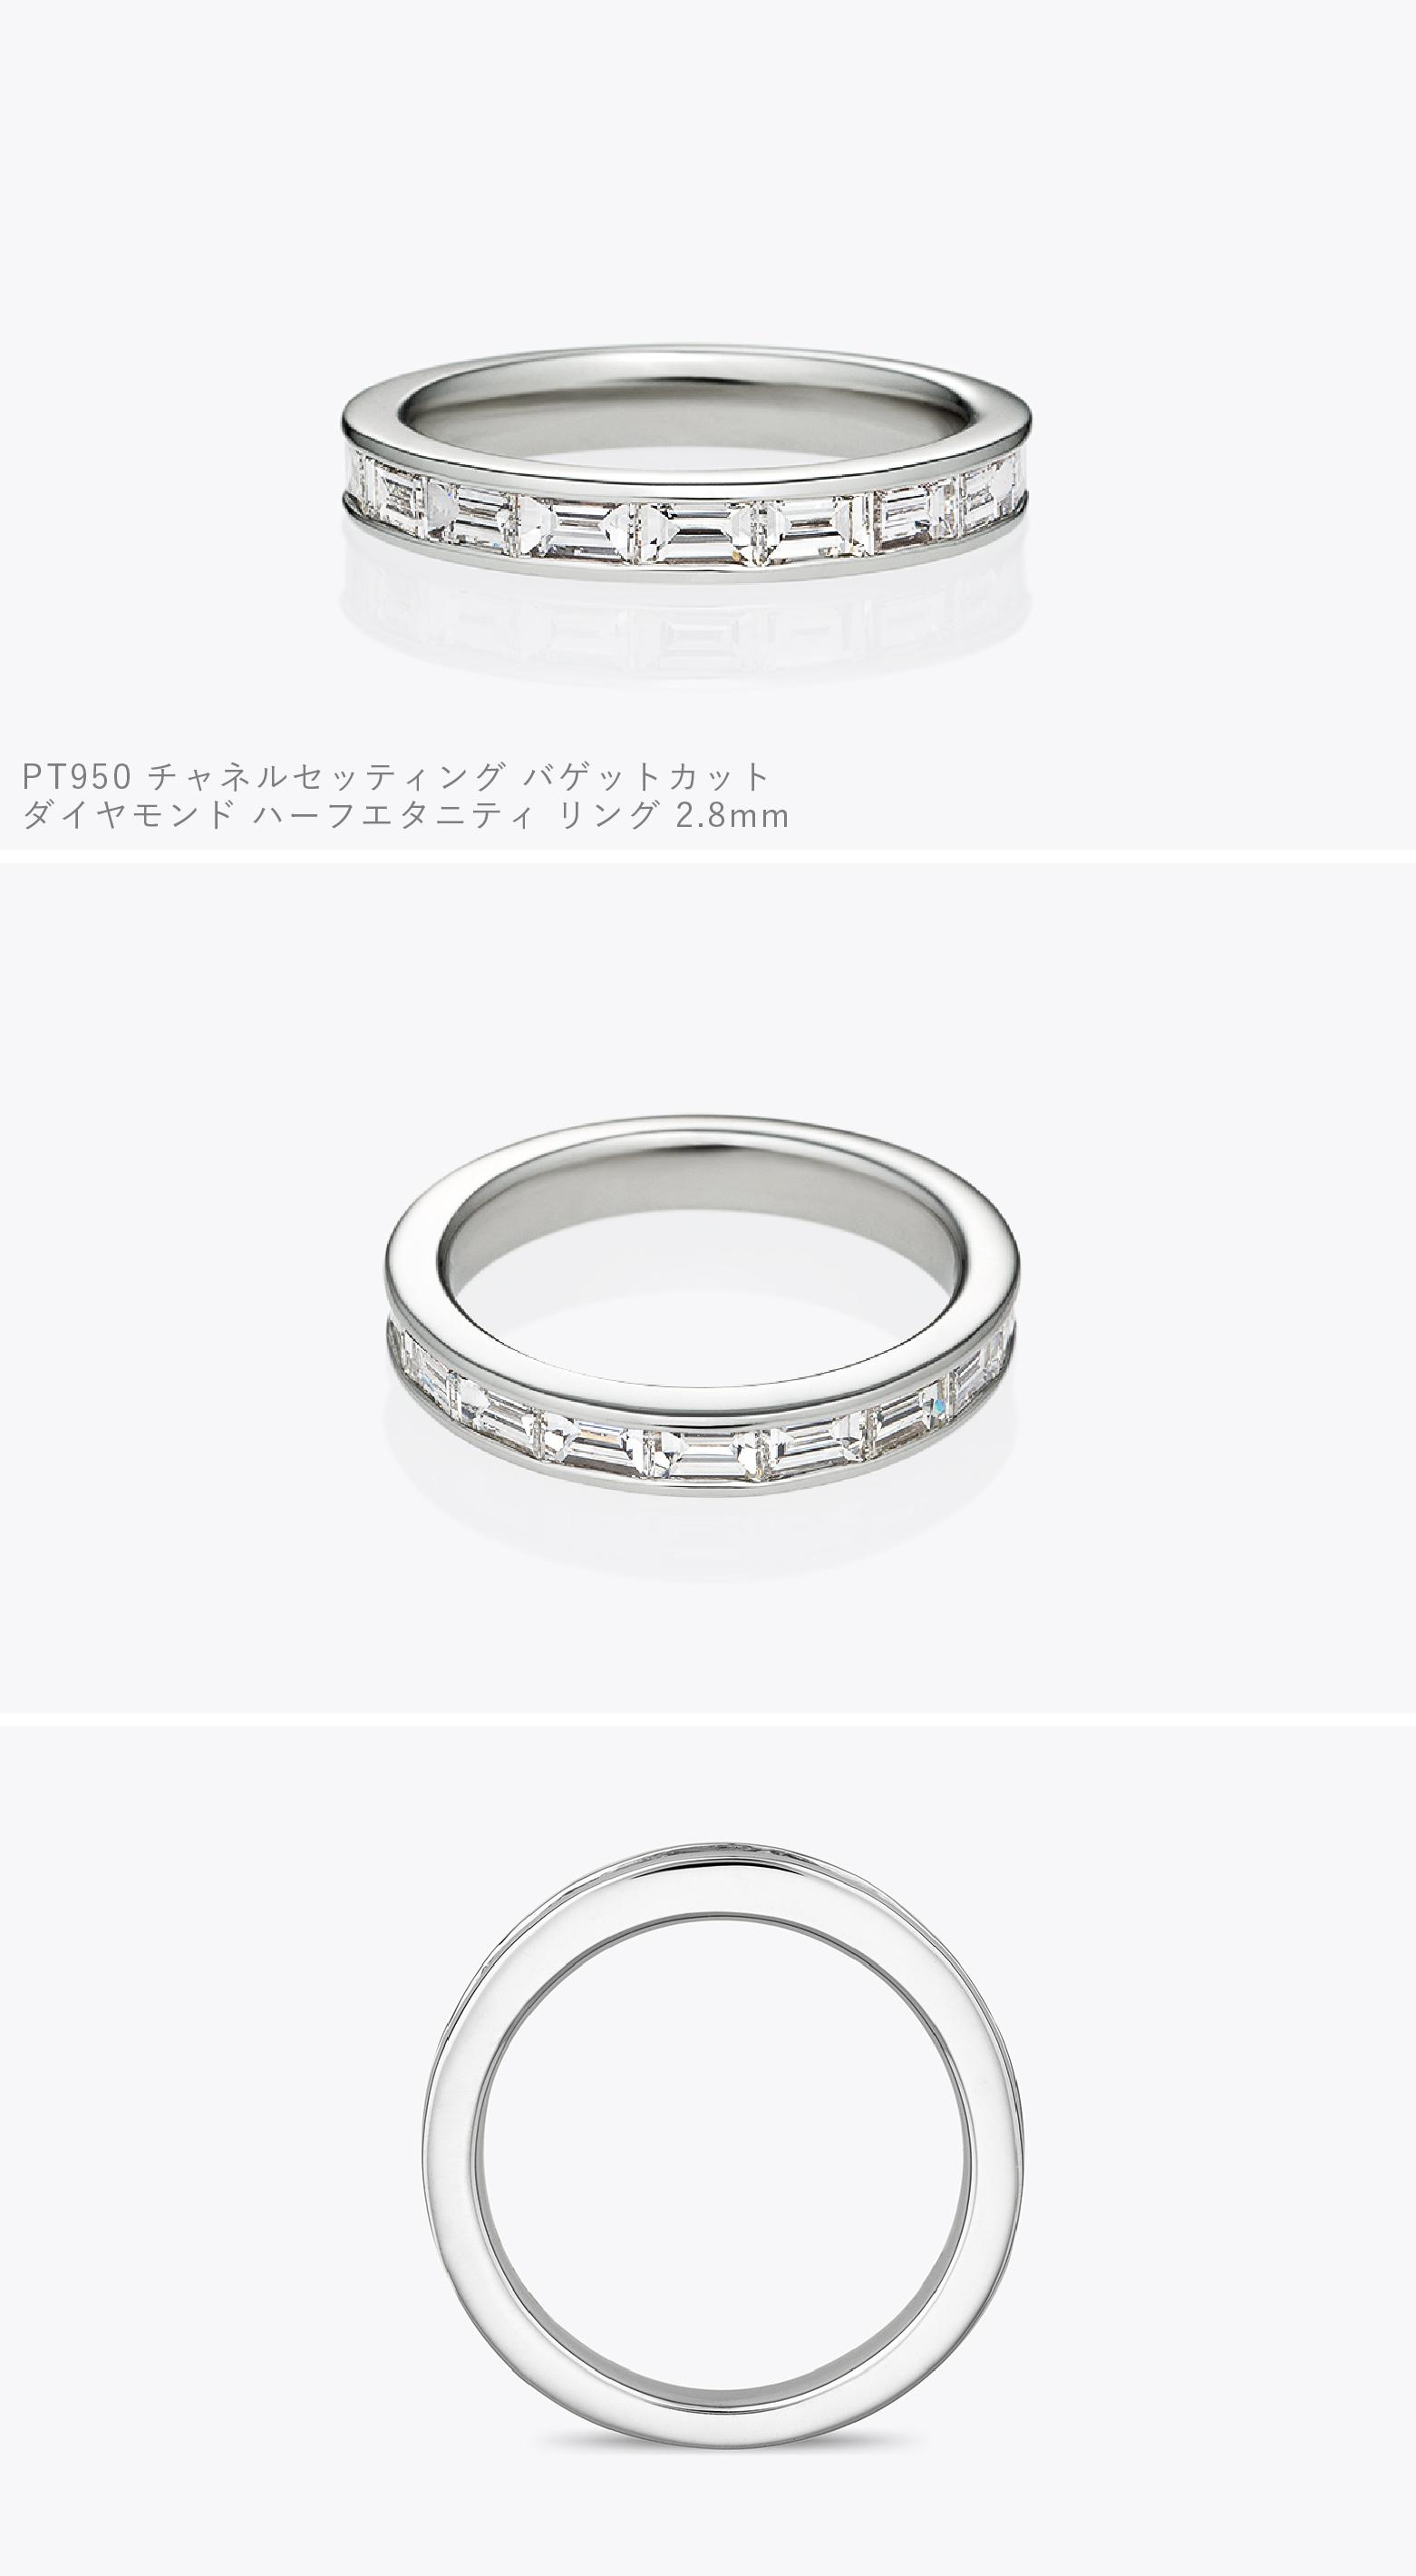 チャネルセッティングバゲットカットダイヤモンドハーフエタニティリング 2.8mm